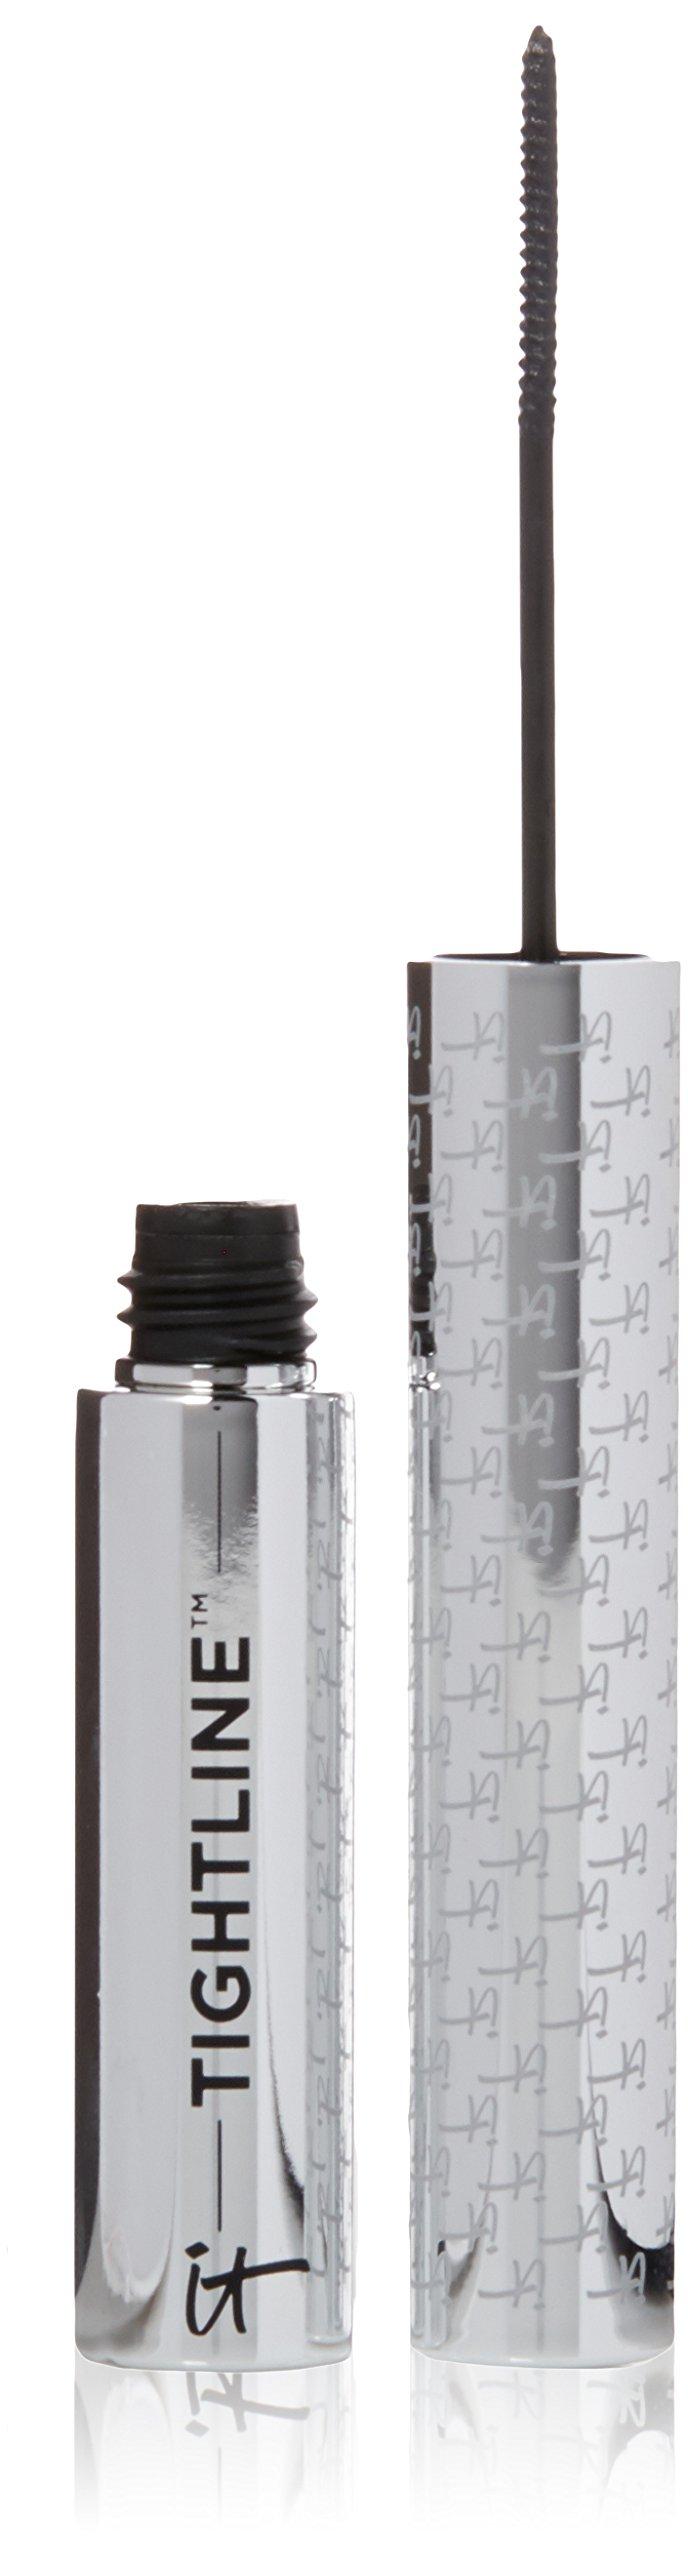 It Cosmetics Tightline Mascara Primer in Black